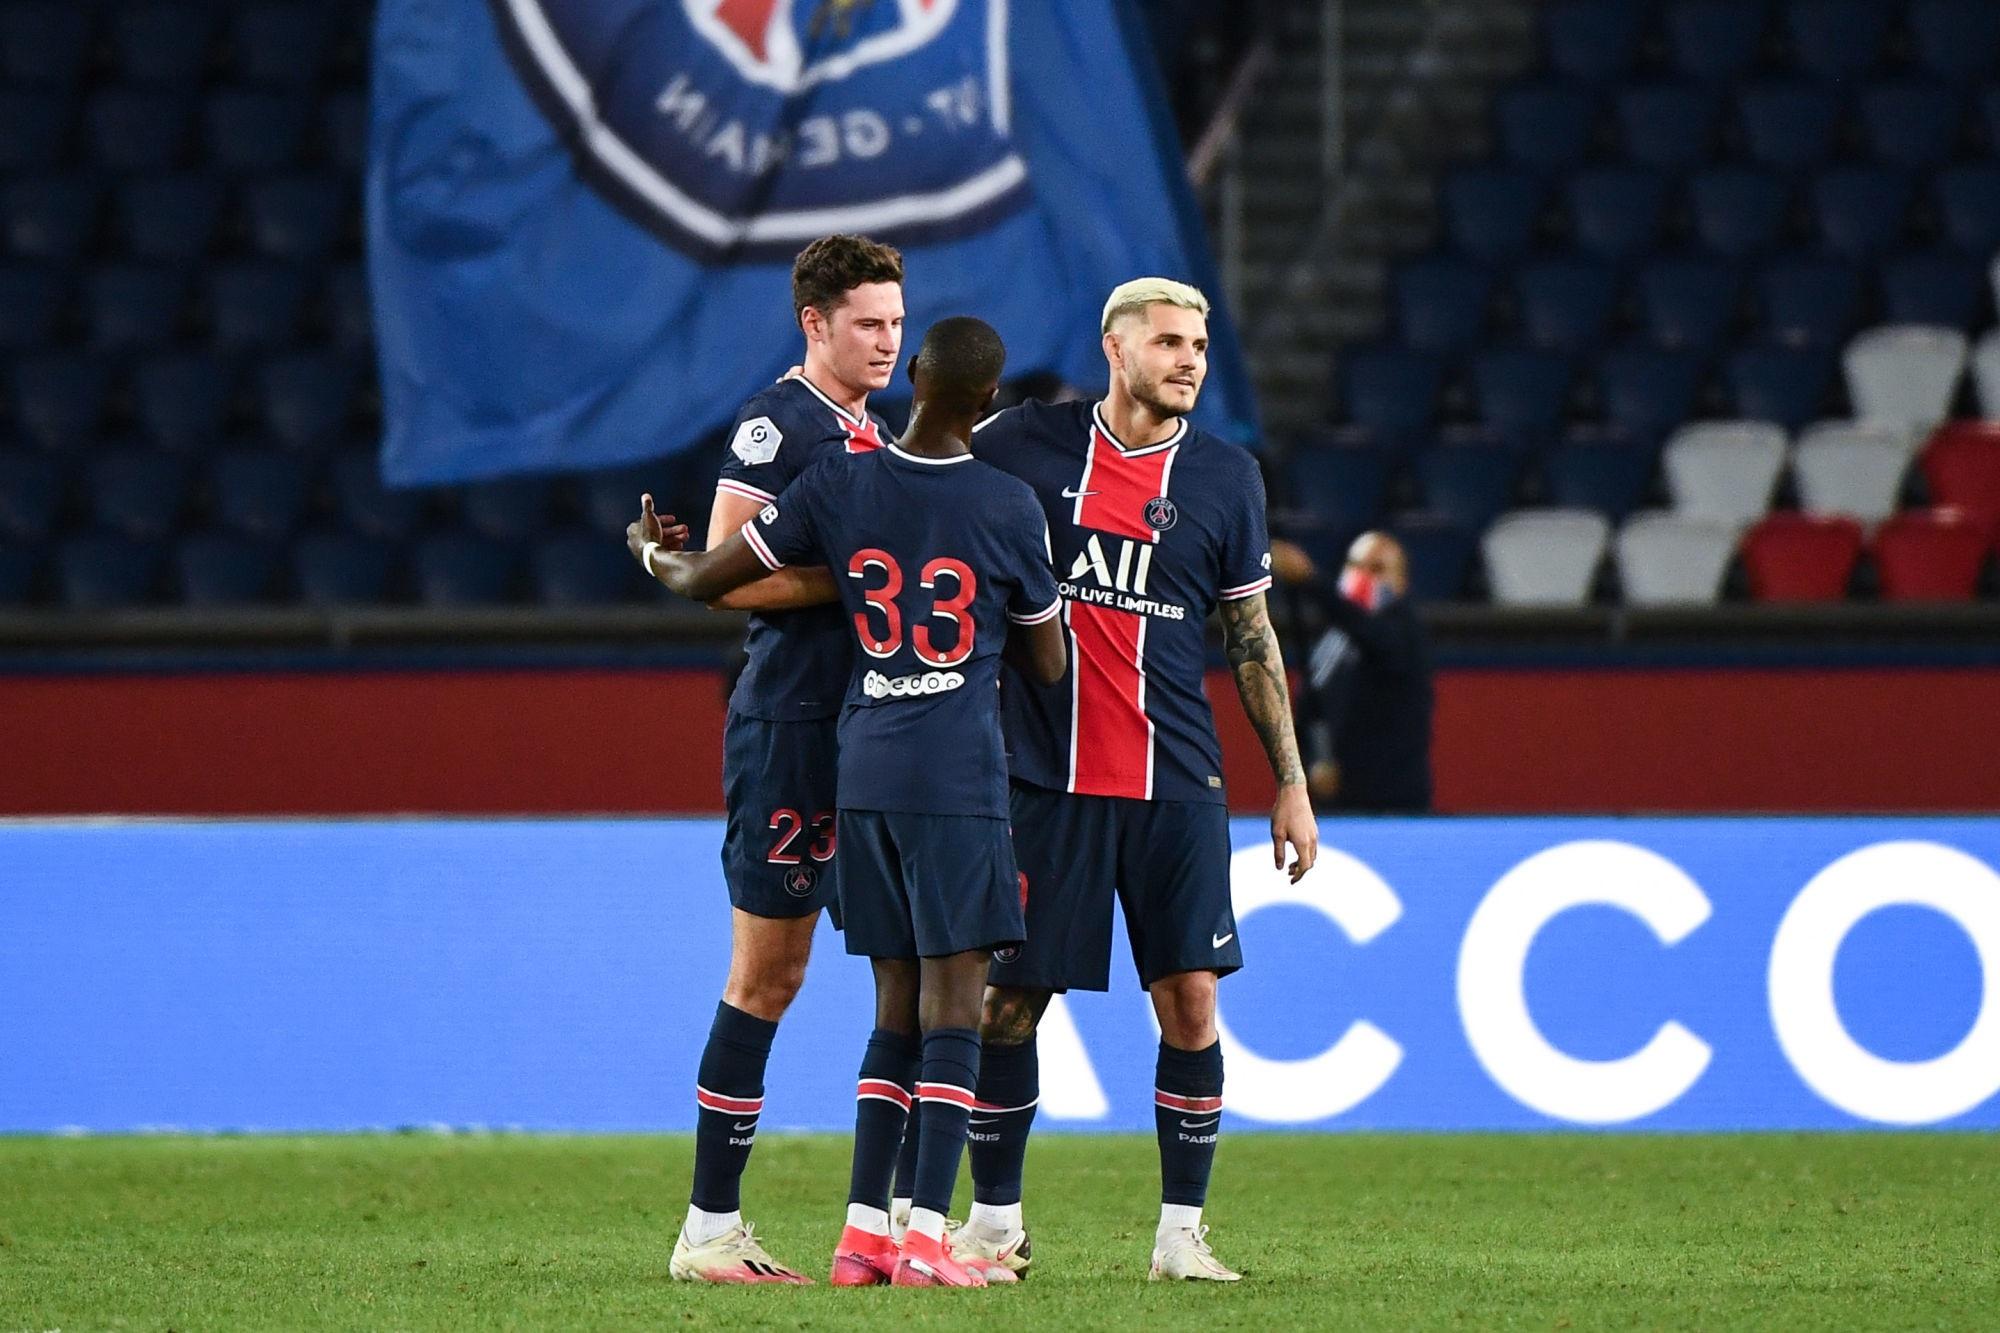 Draxler revient sur la victoire contre Metz, évoque les efforts et la fatigue de l'équipe